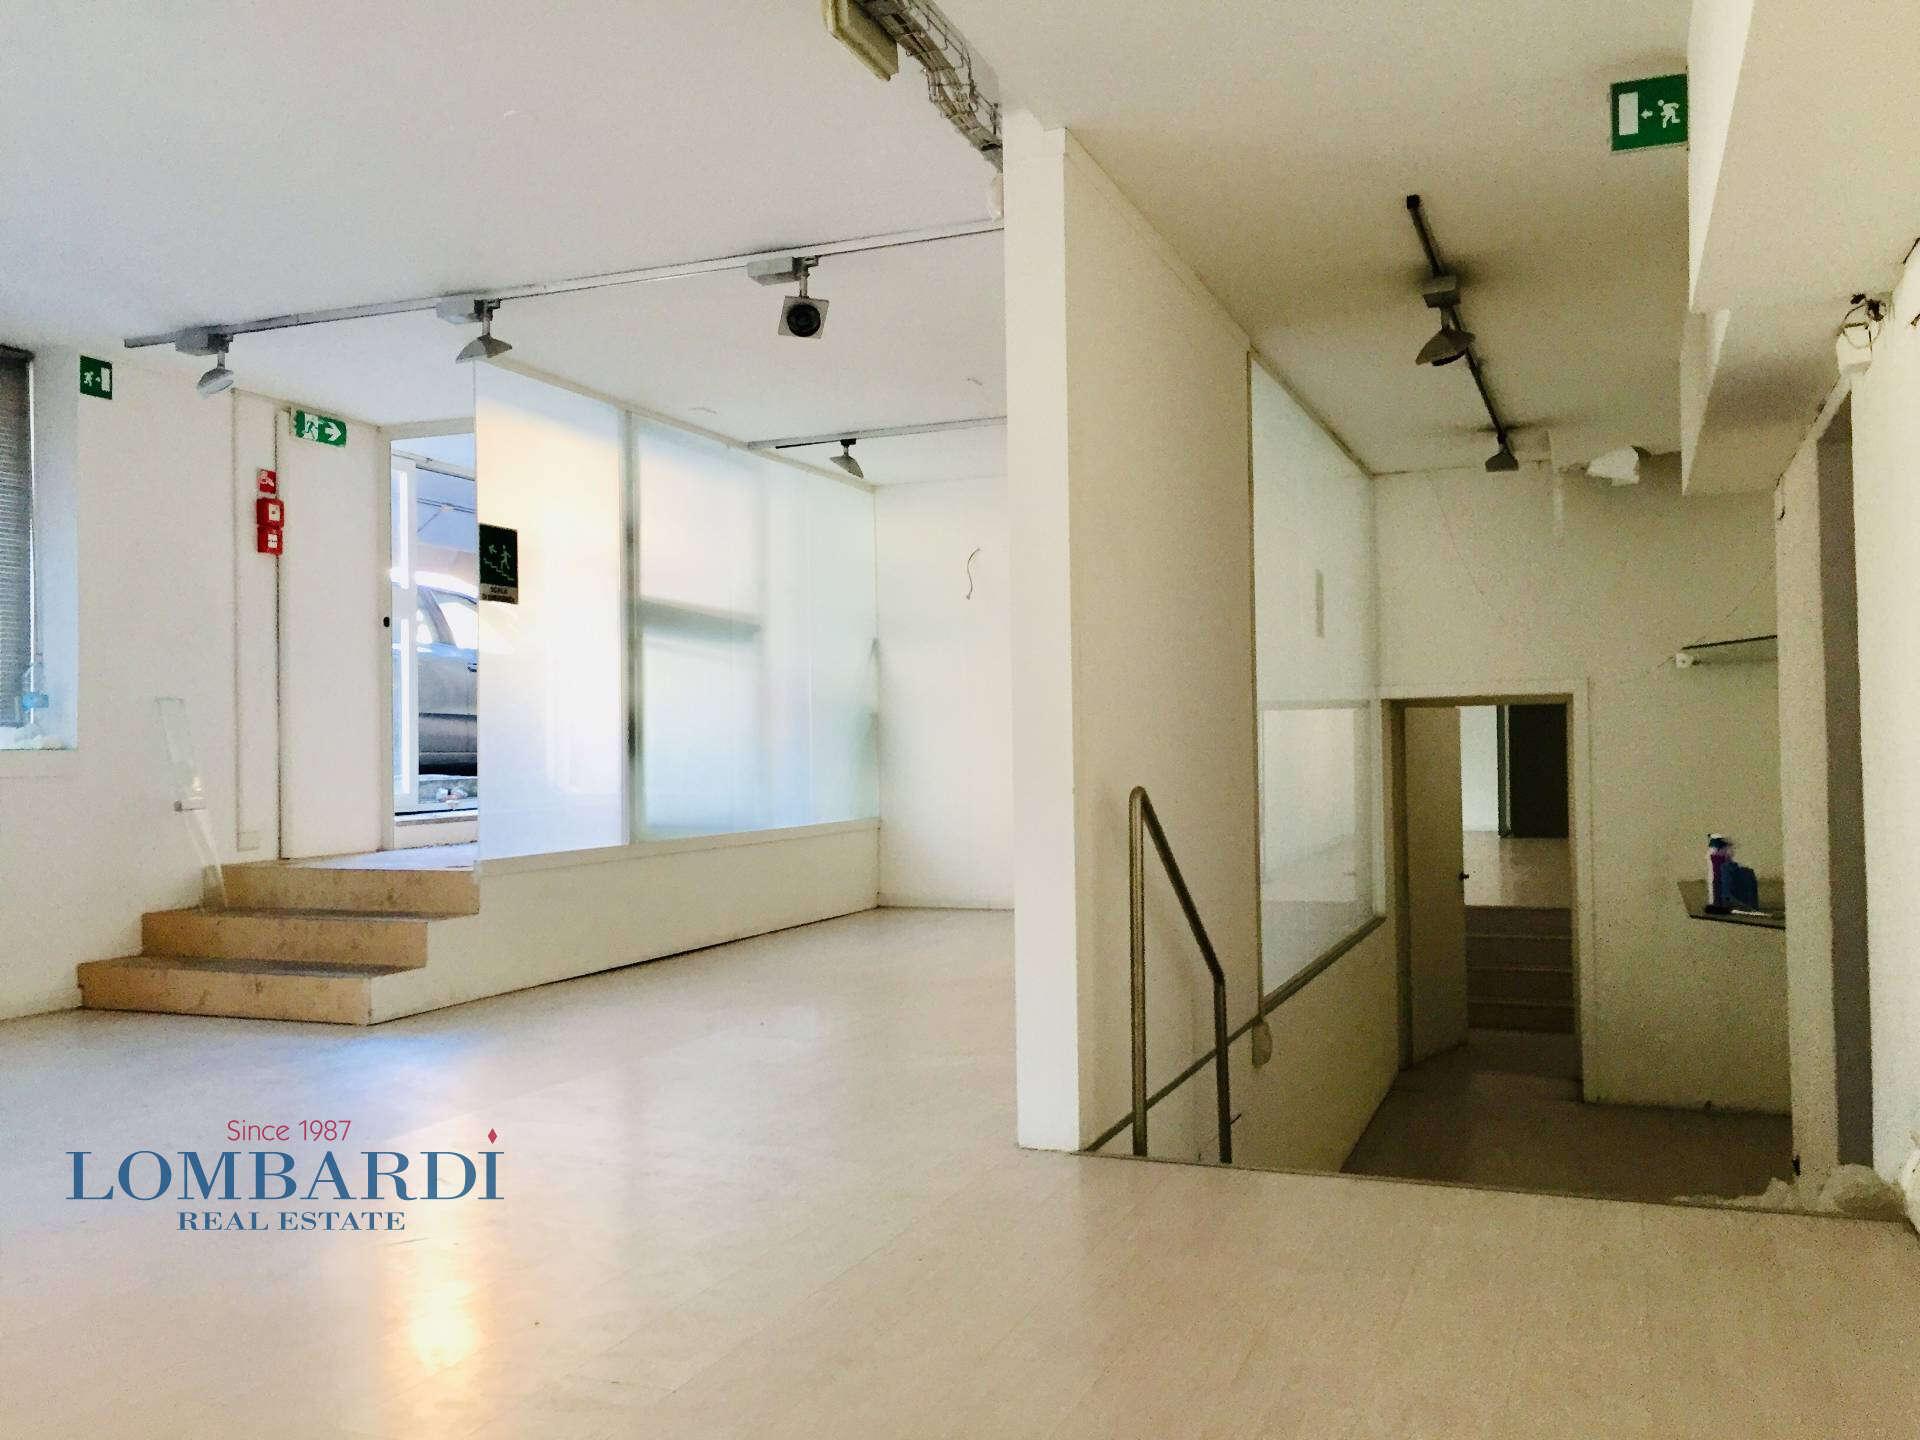 Negozio in vendita a Milano Navigli Via Ambrogio Binda ...